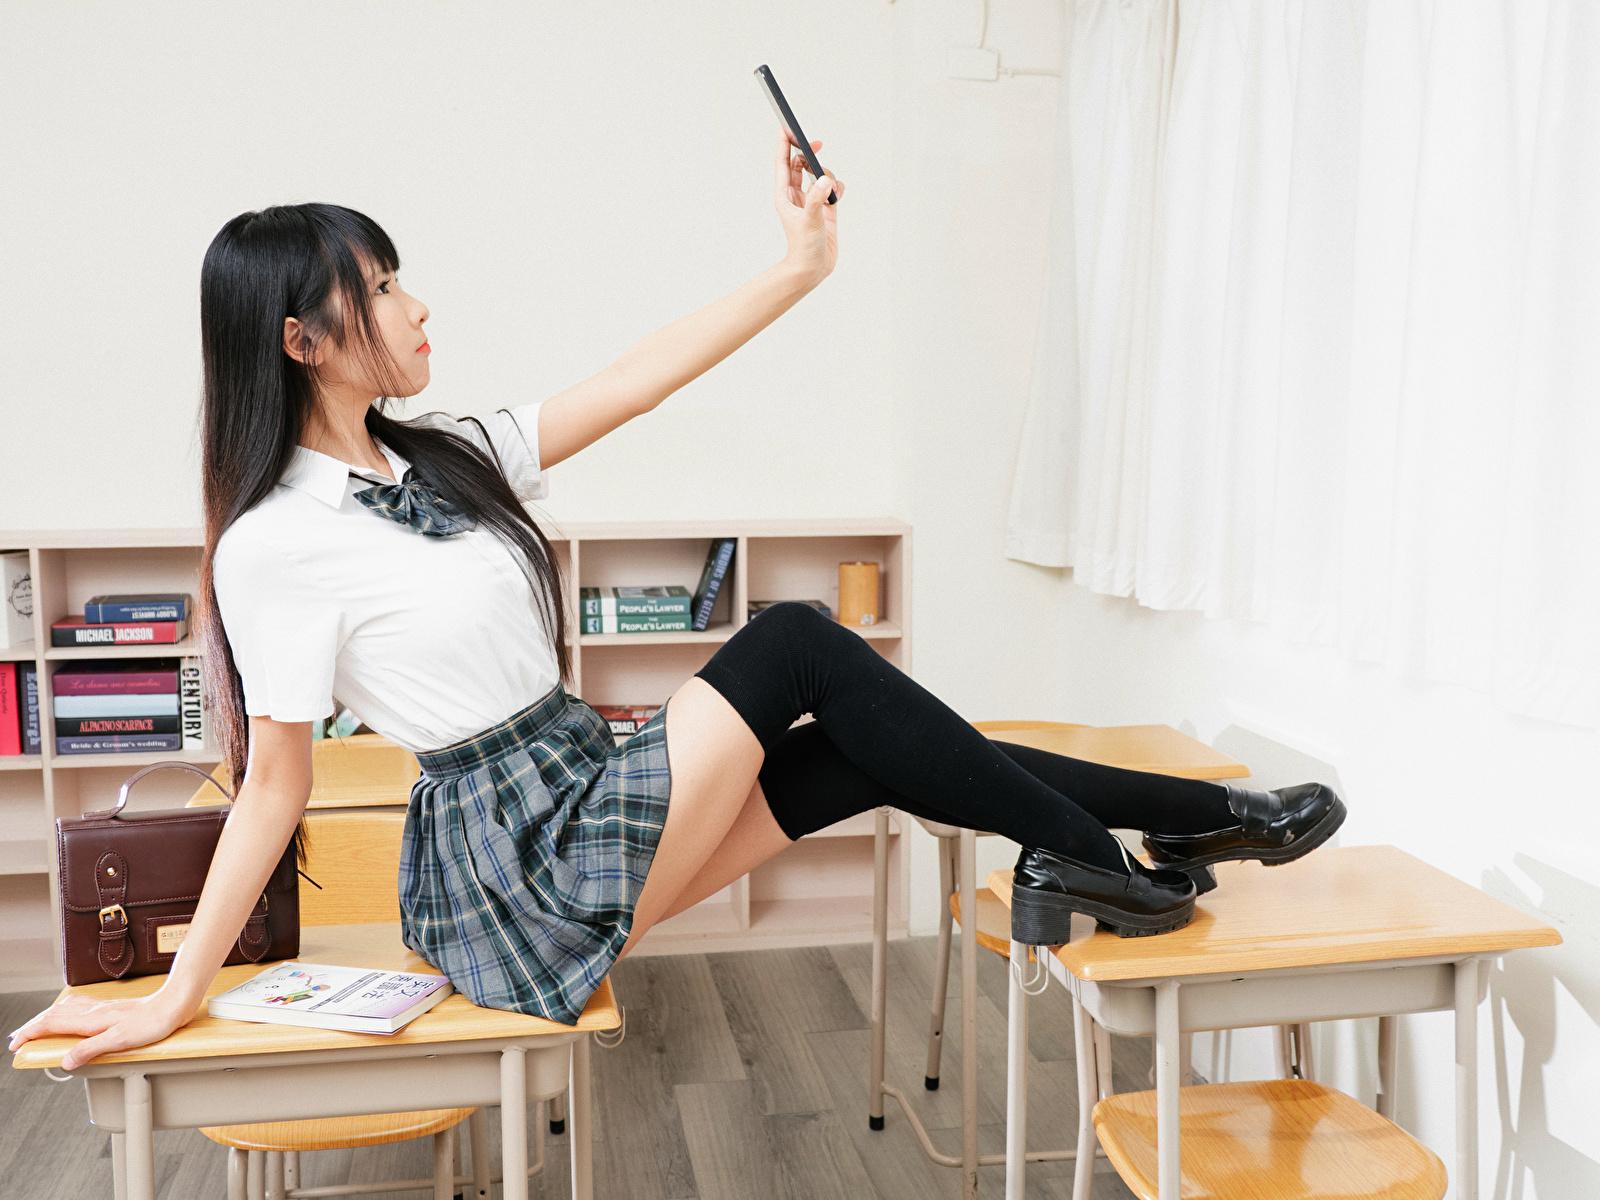 Bilder von Brünette Schülerin Long Socken Selfie Mädchens Bein asiatisches Uniform 1600x1200 Schulmädchen junge frau junge Frauen Asiaten Asiatische